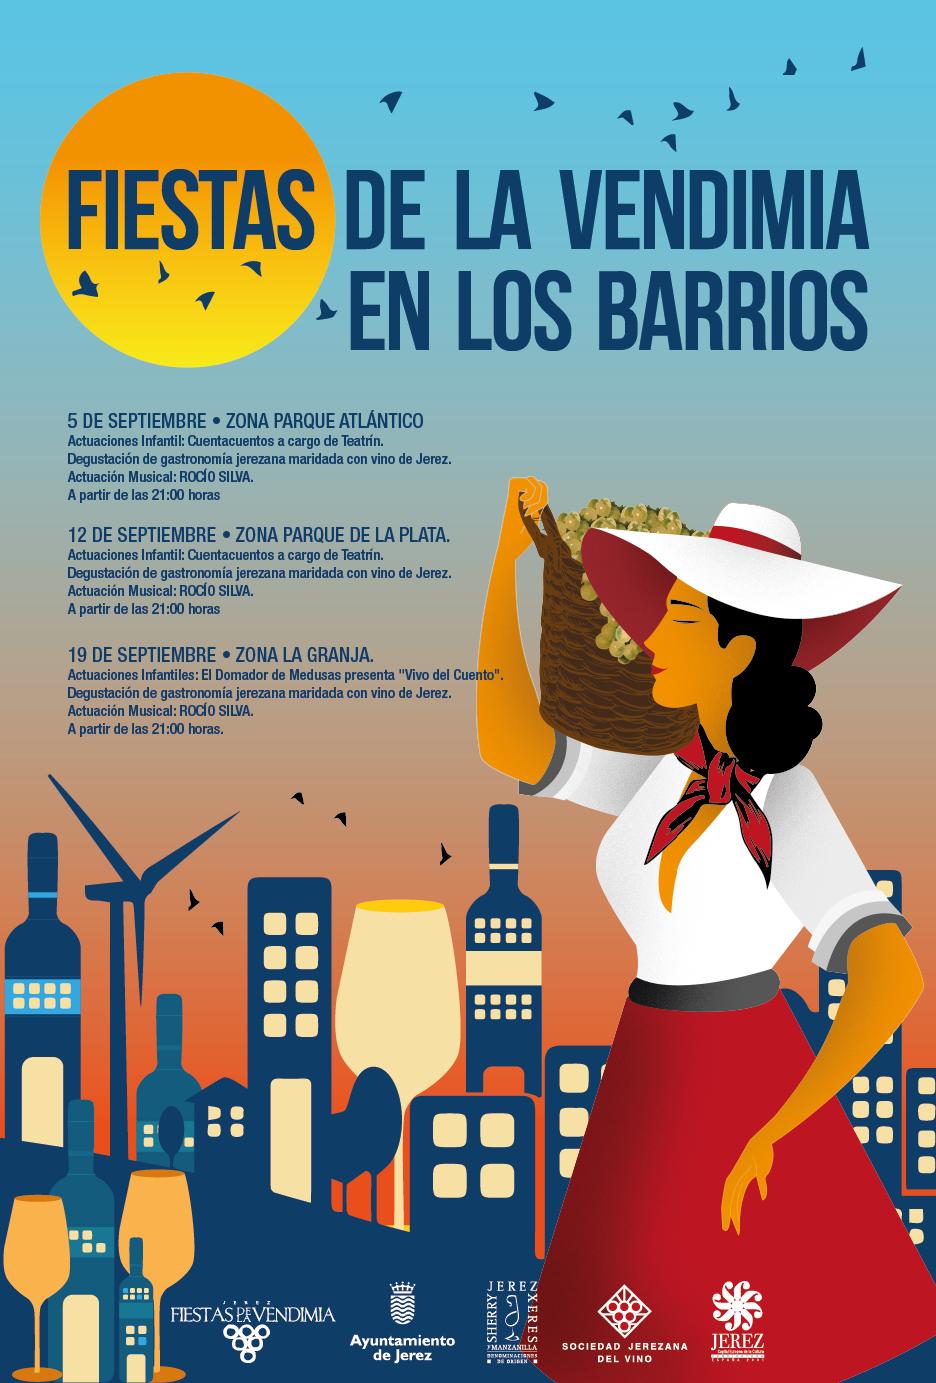 Fiestas de la Vendimia en los barrios de Jerez